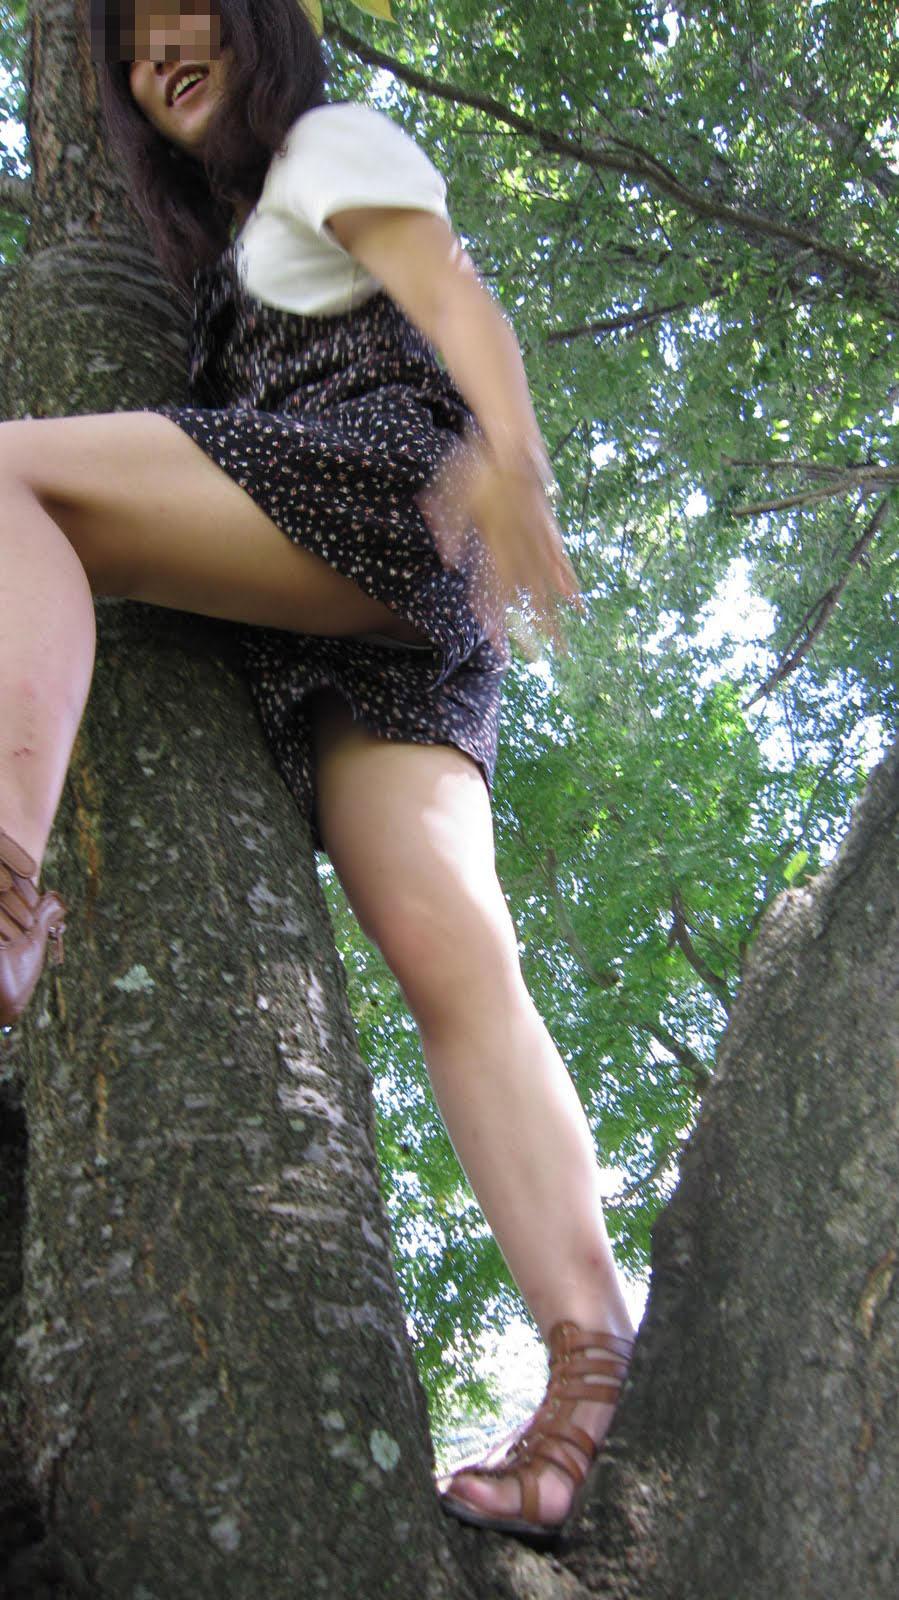 【パンチラ画像】ミニスカ違うからってパンチラしないワケじゃない!ショーパンの隙間は花園の予感www 05